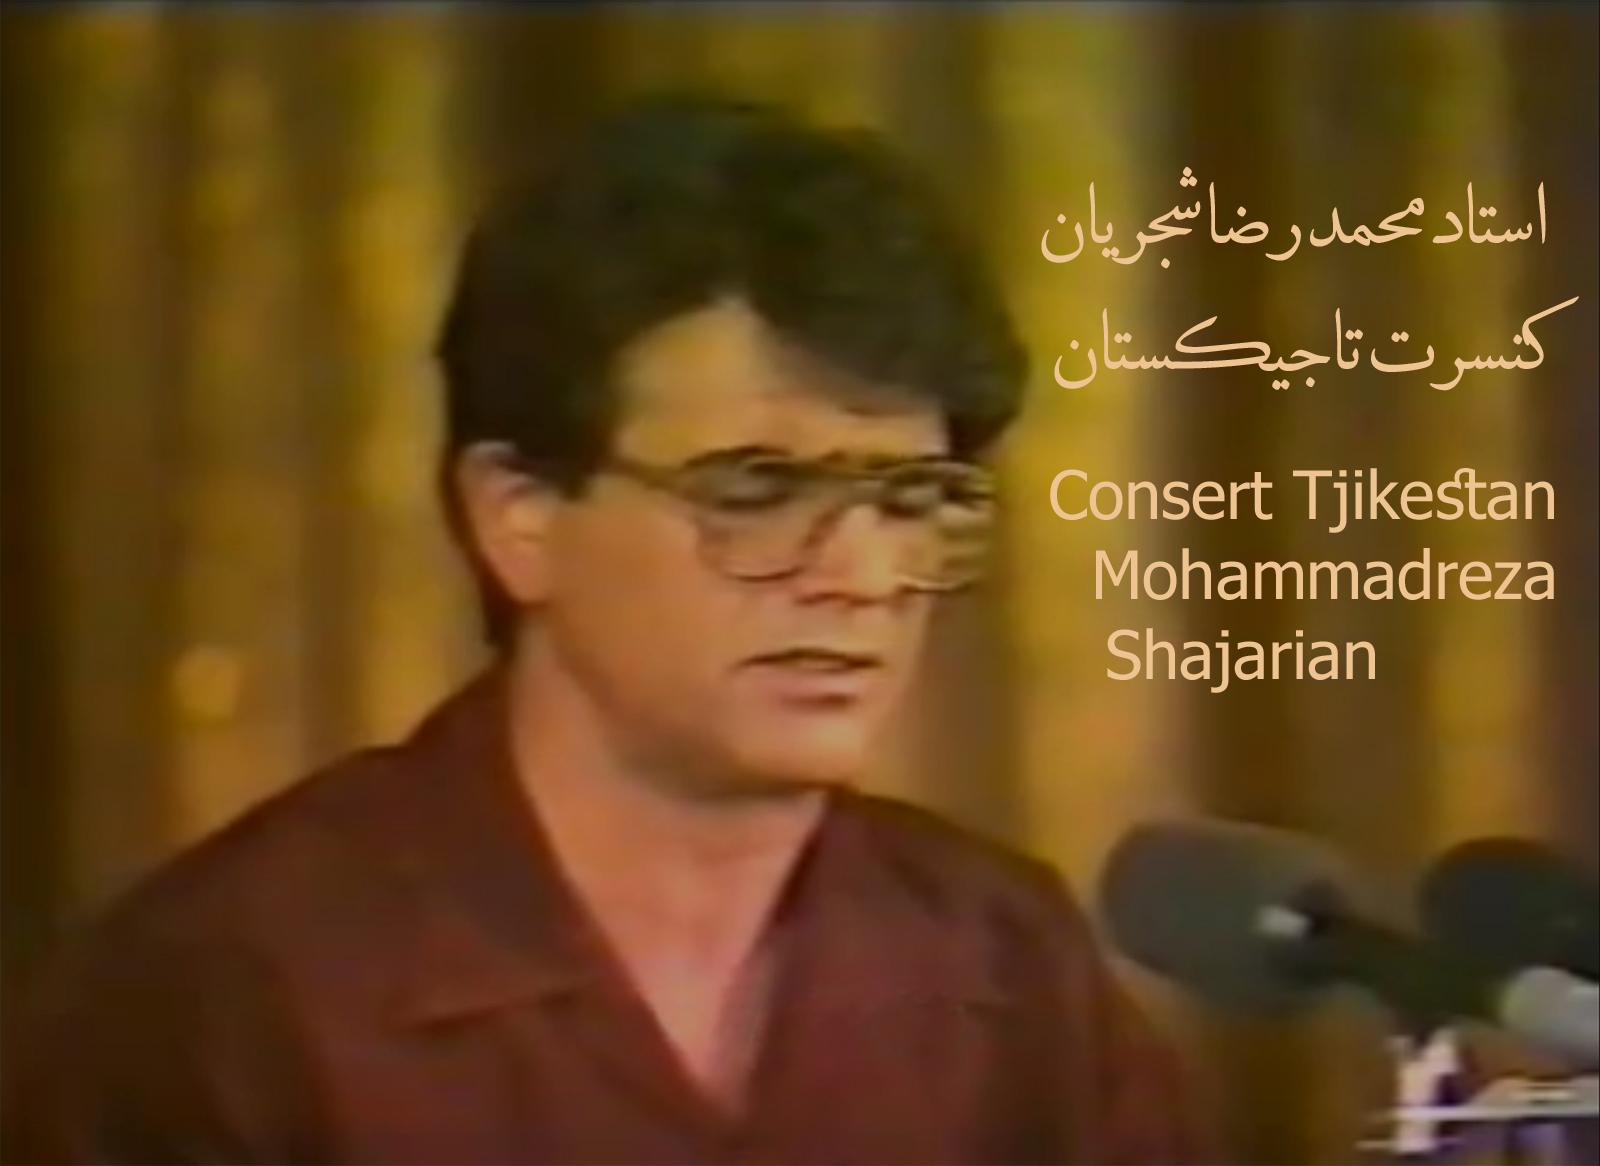 استاد محمد رضا شجریان کنسرت تاجیکستان